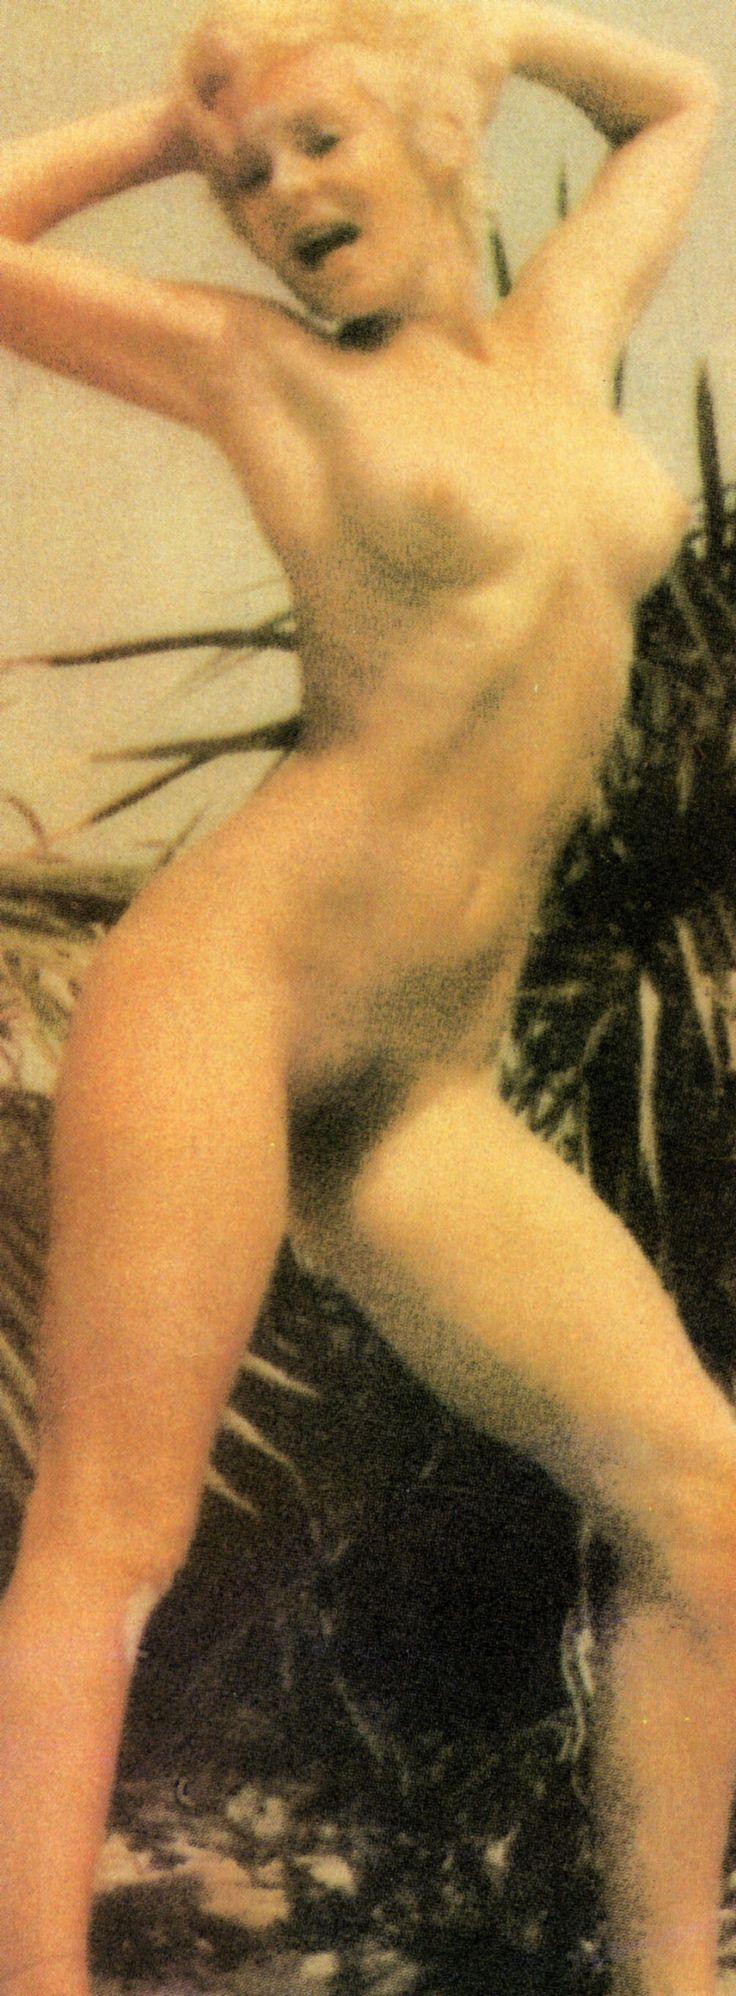 Gta iv girl naked